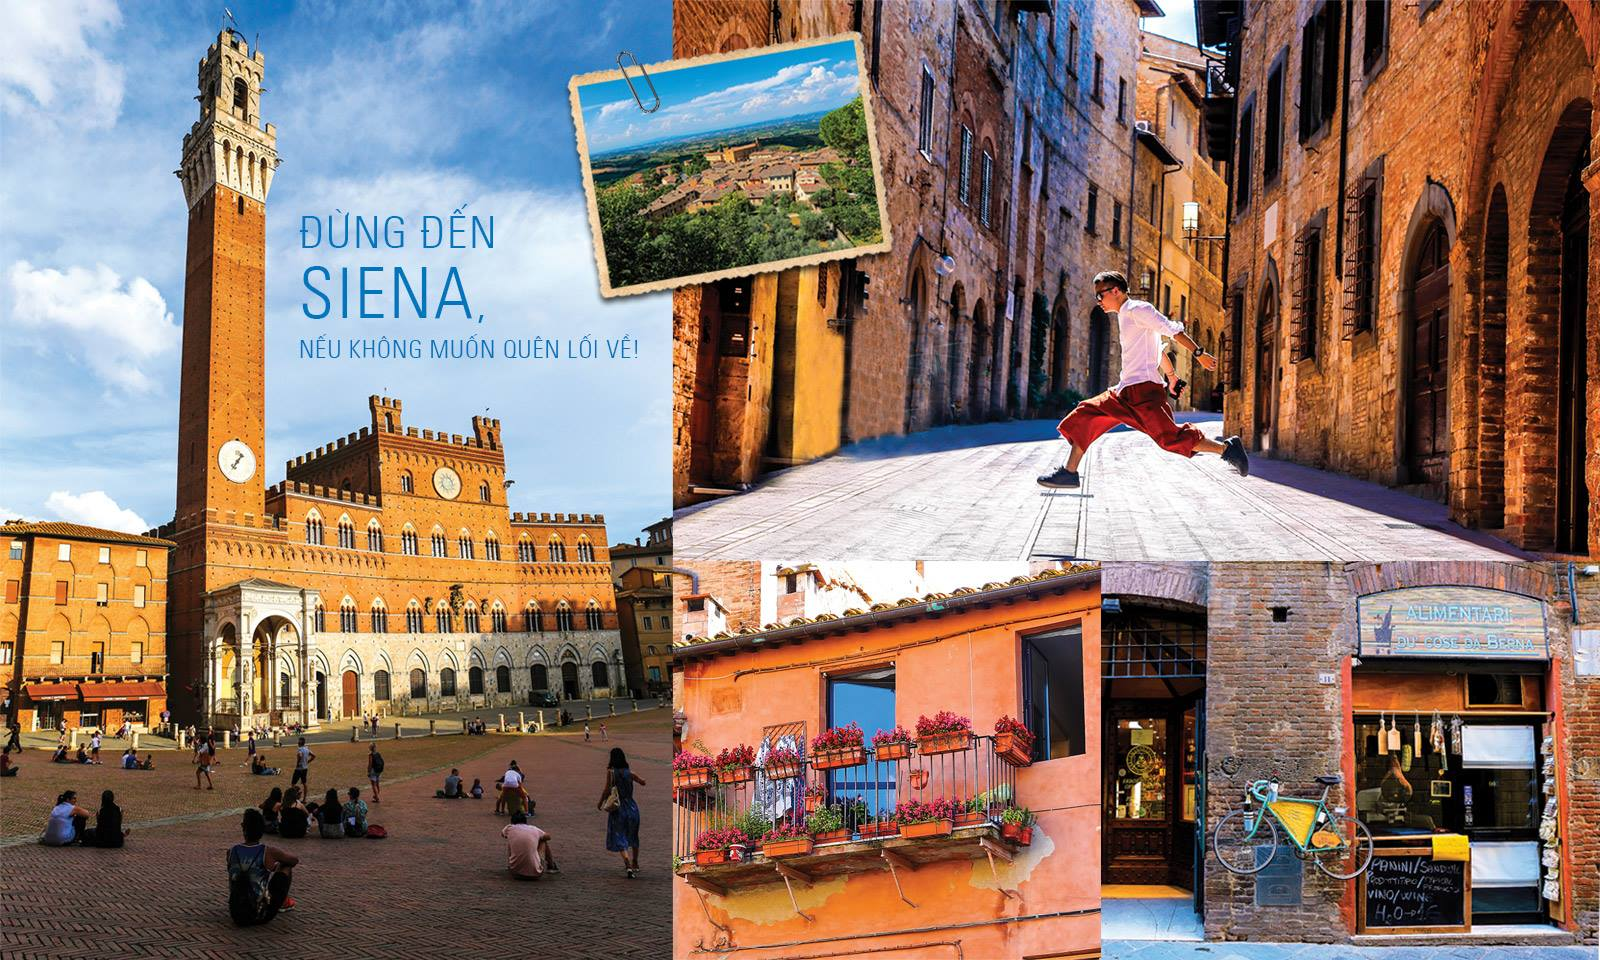 Đừng đến Siena, nếu không muốn quên lối về!